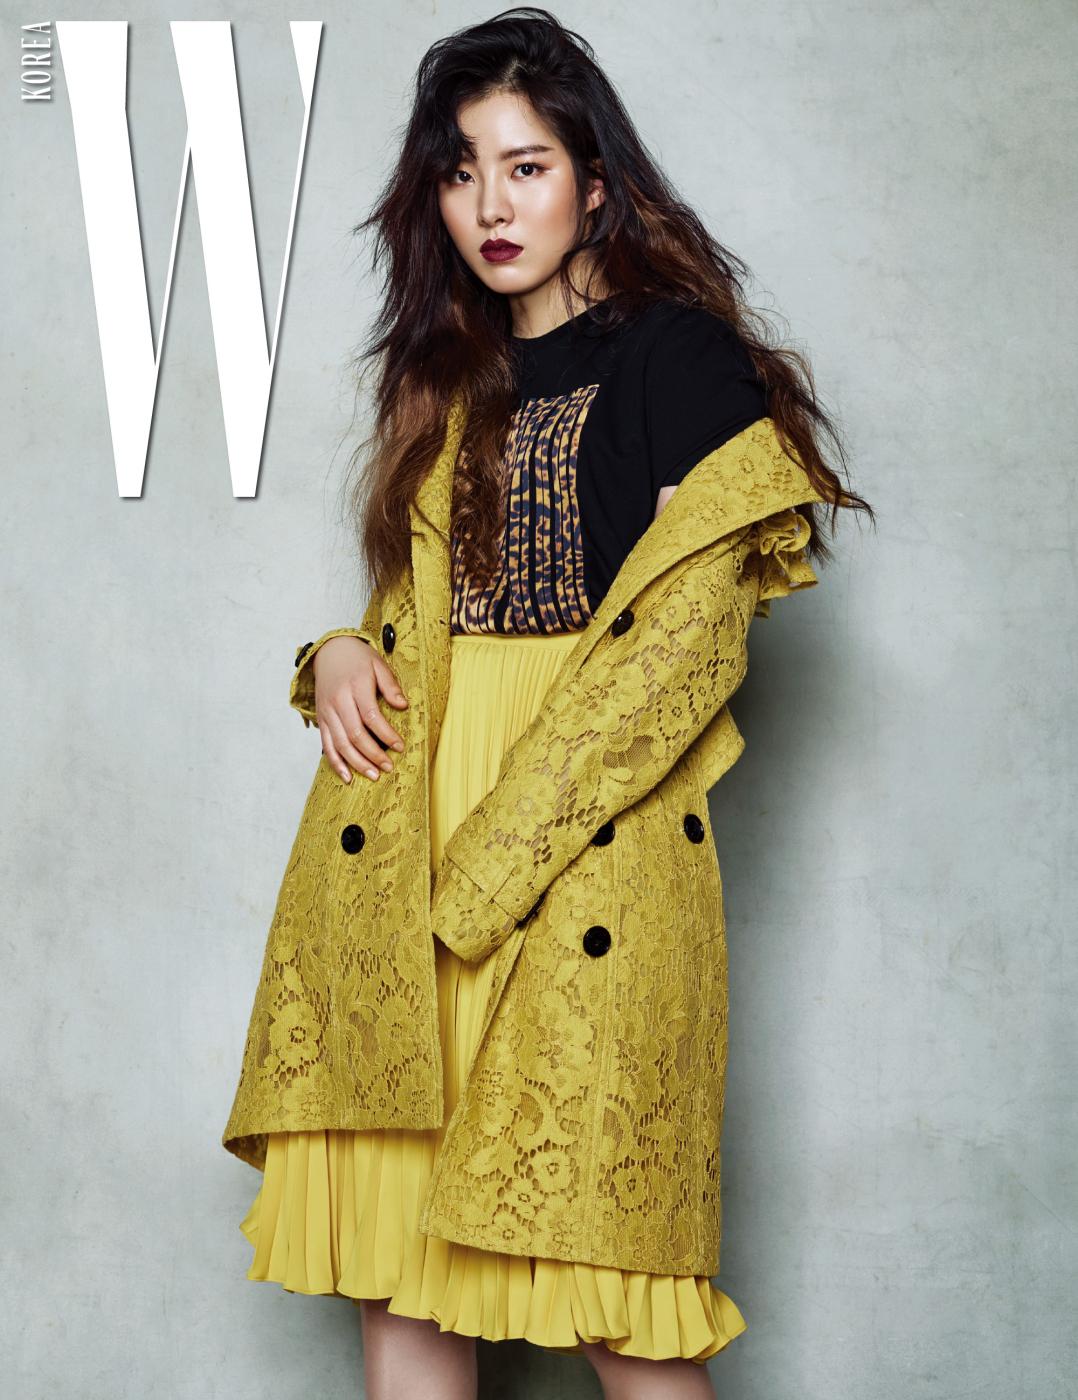 러플 장식의 마크라메 레이스 트렌치코트는 Burberry, 검은색 티셔츠는 Alexander Wang, 노란색 주름 스커트는 Jill Stuart 제품.